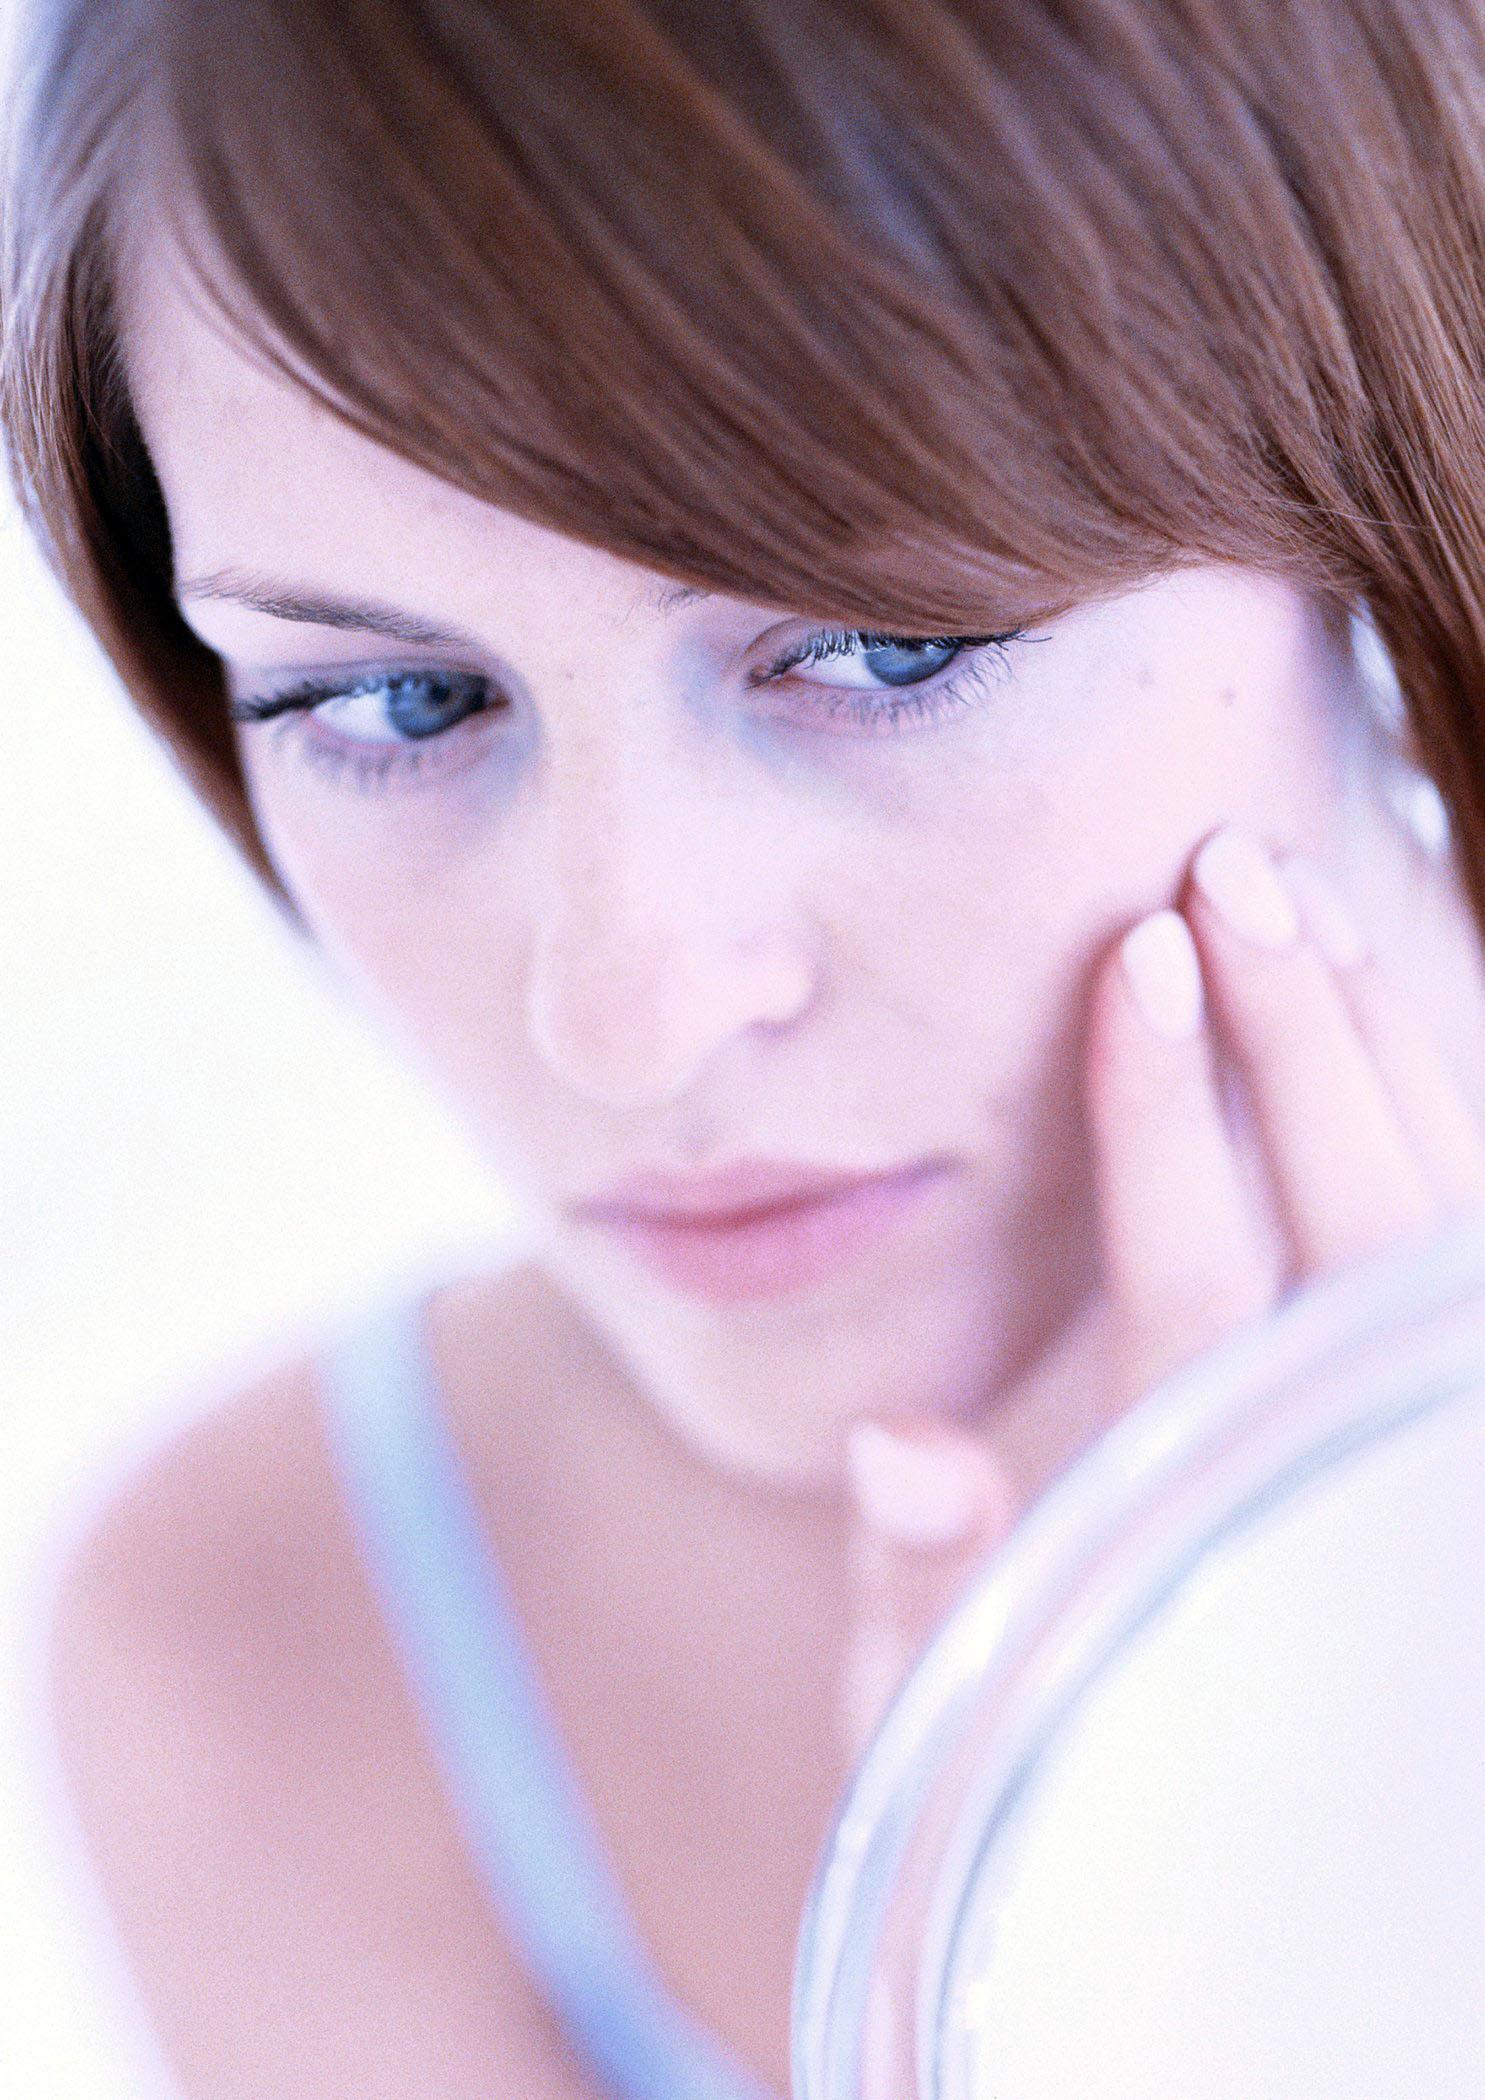 """Wenn Akne die Haut """"blühen"""" lässt, kann auch ein Zinkmangel dahinterstecken - Akne"""